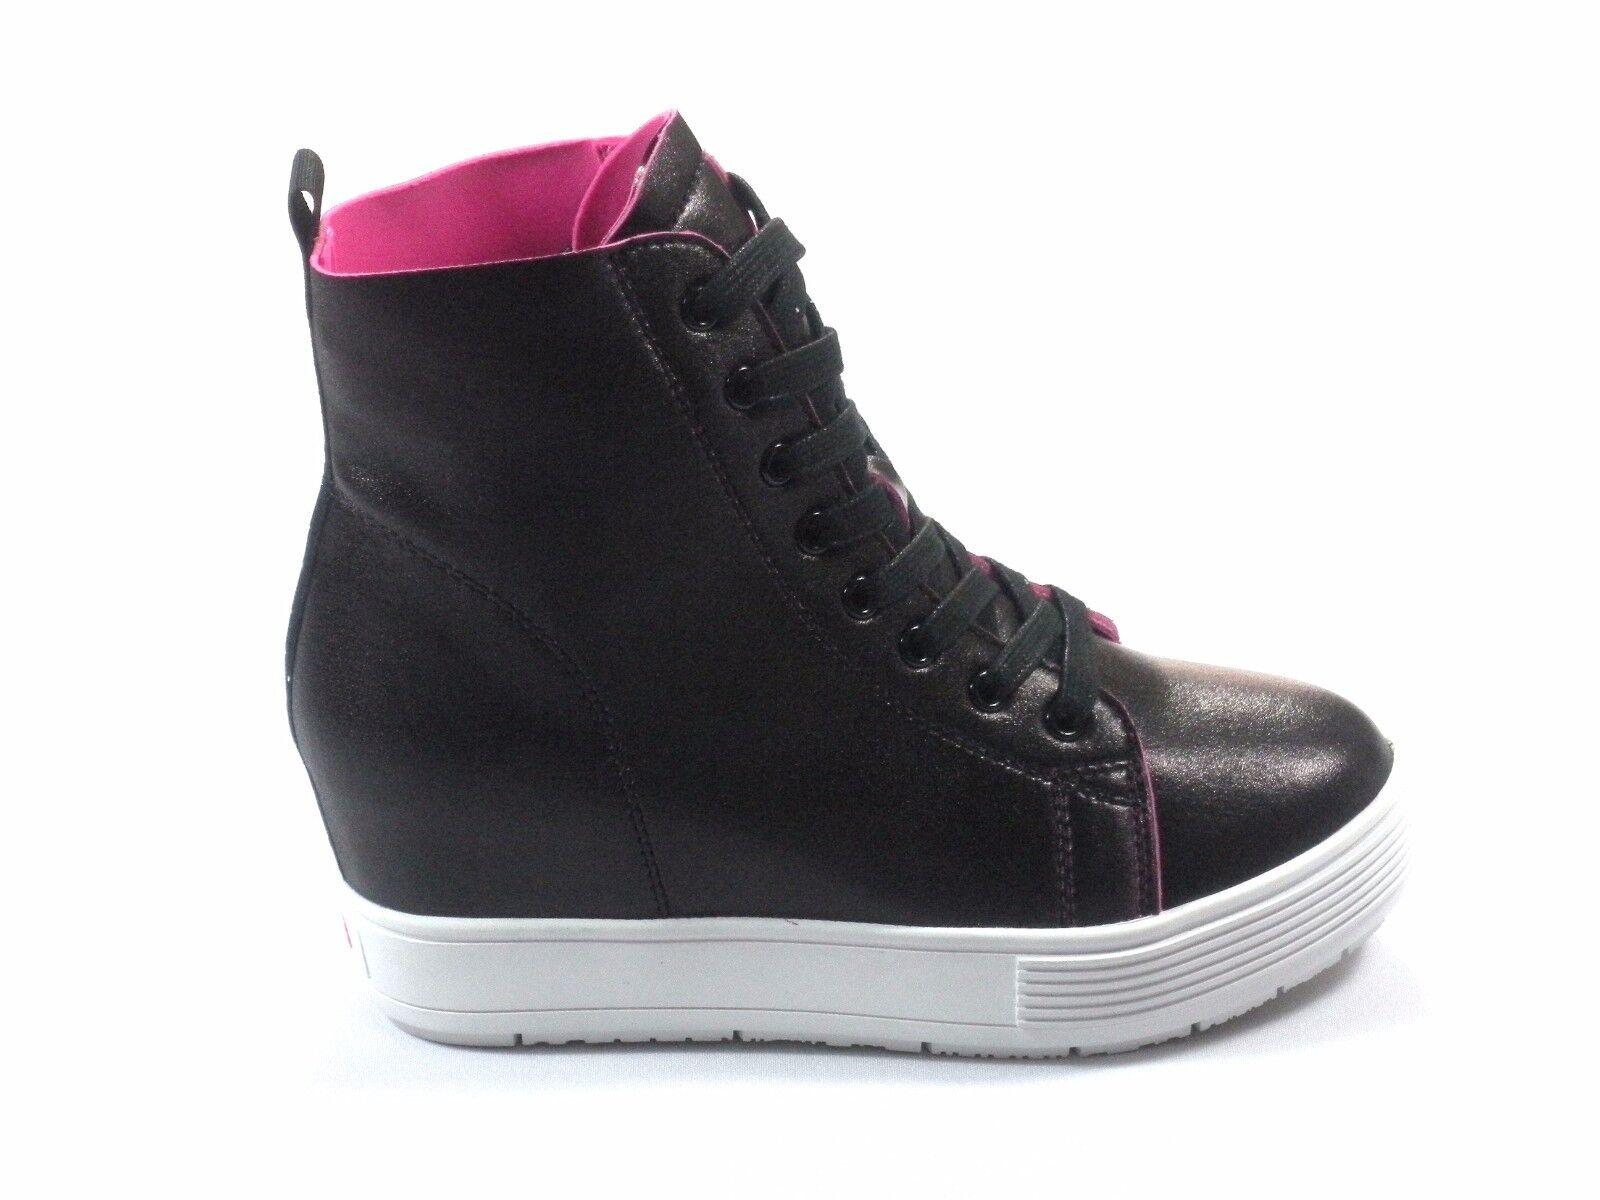 Chaussures Femme FORNARINA MJ9543I TESSUTO NEOPRENE ELASTICIZZATO ZEPPA ZEPPA ELASTICIZZATO NASCOSTA 118b1e